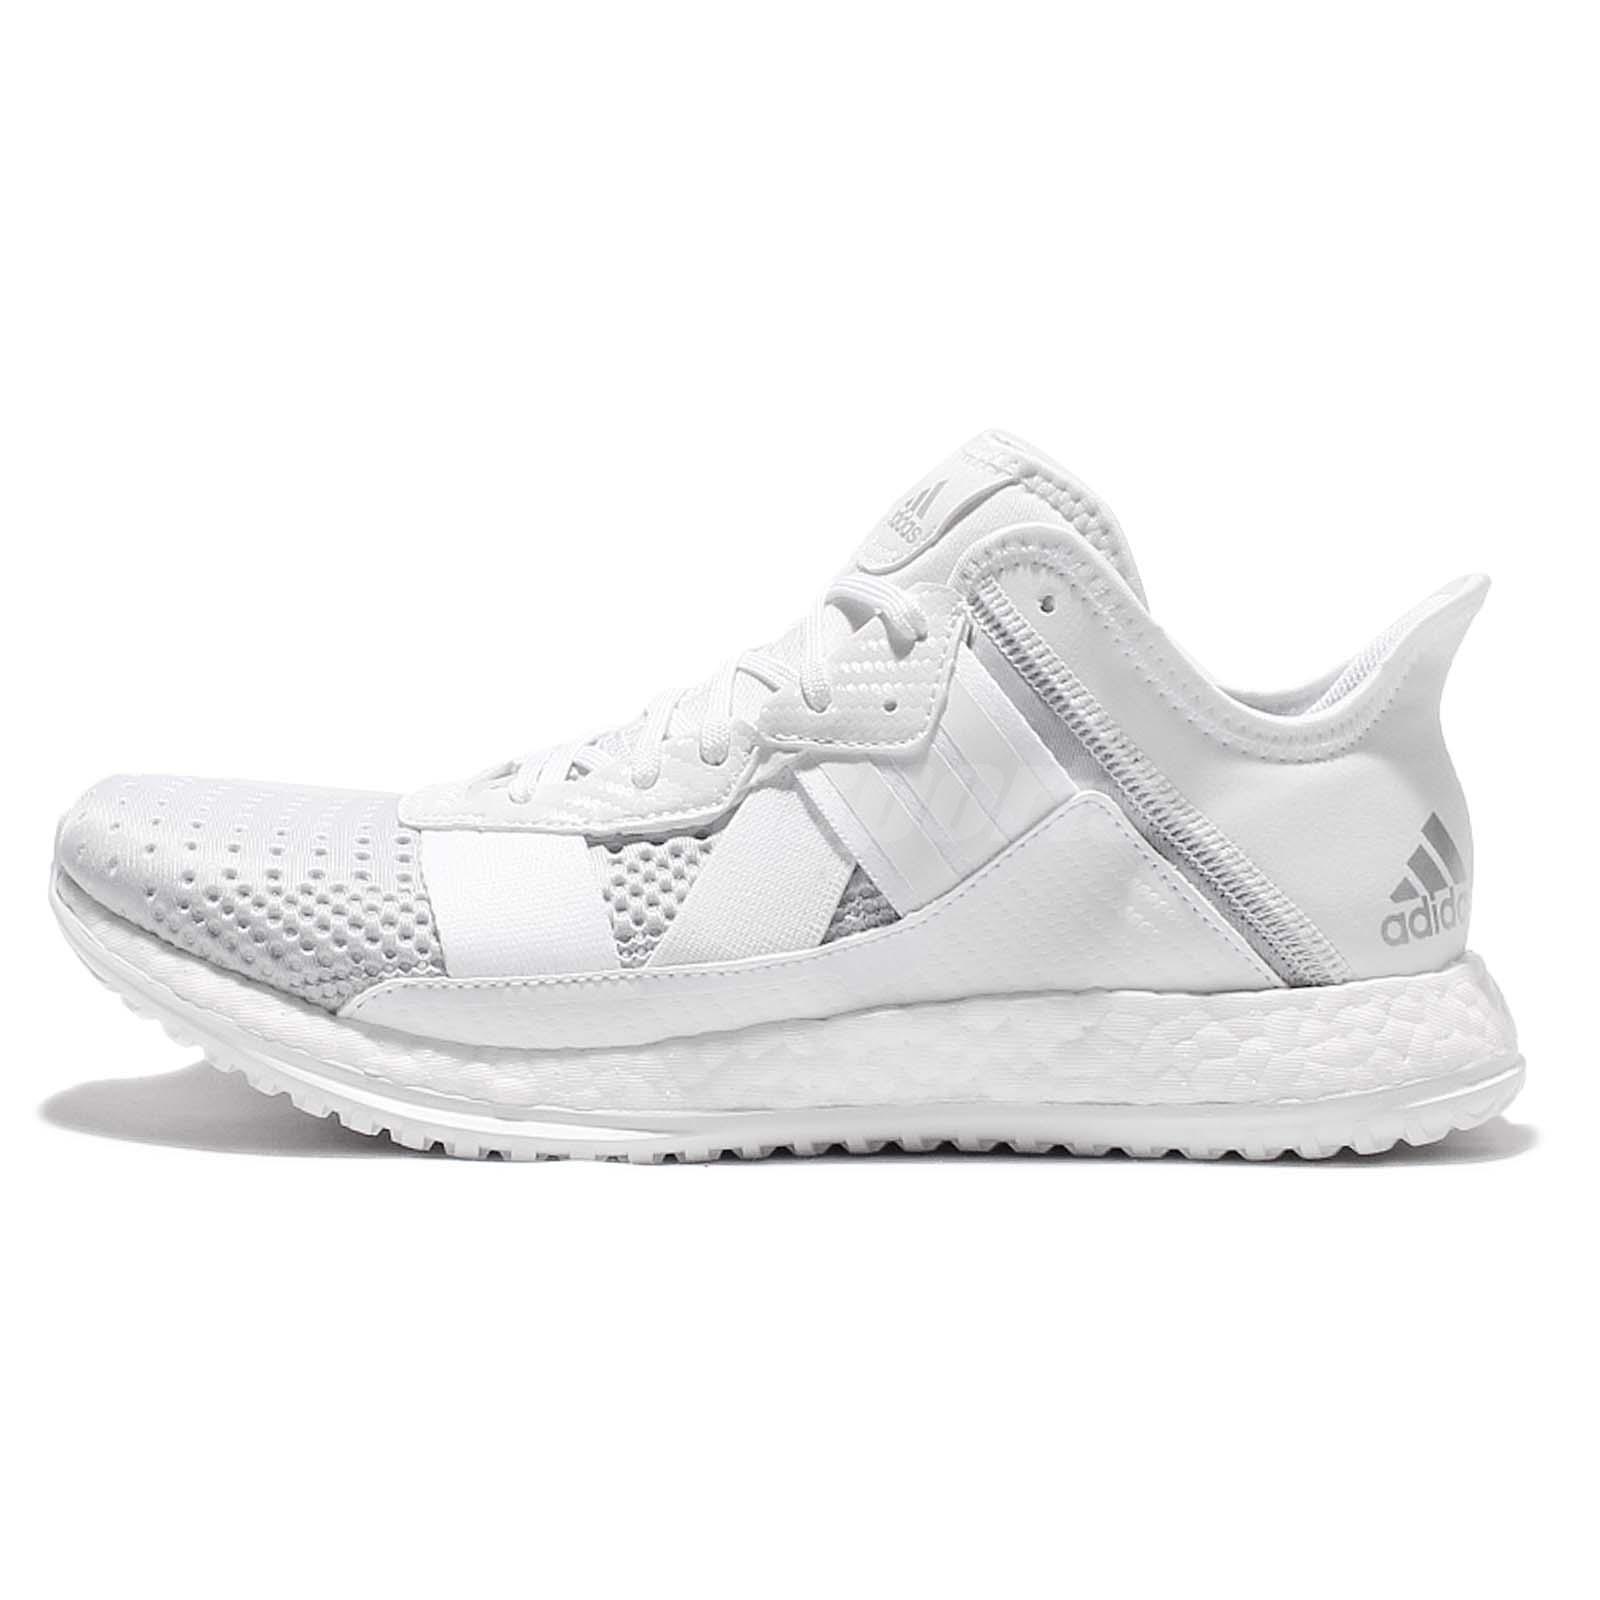 Adidas hombre  Pure Boost ZG Trainer Cross training zapatos los granados